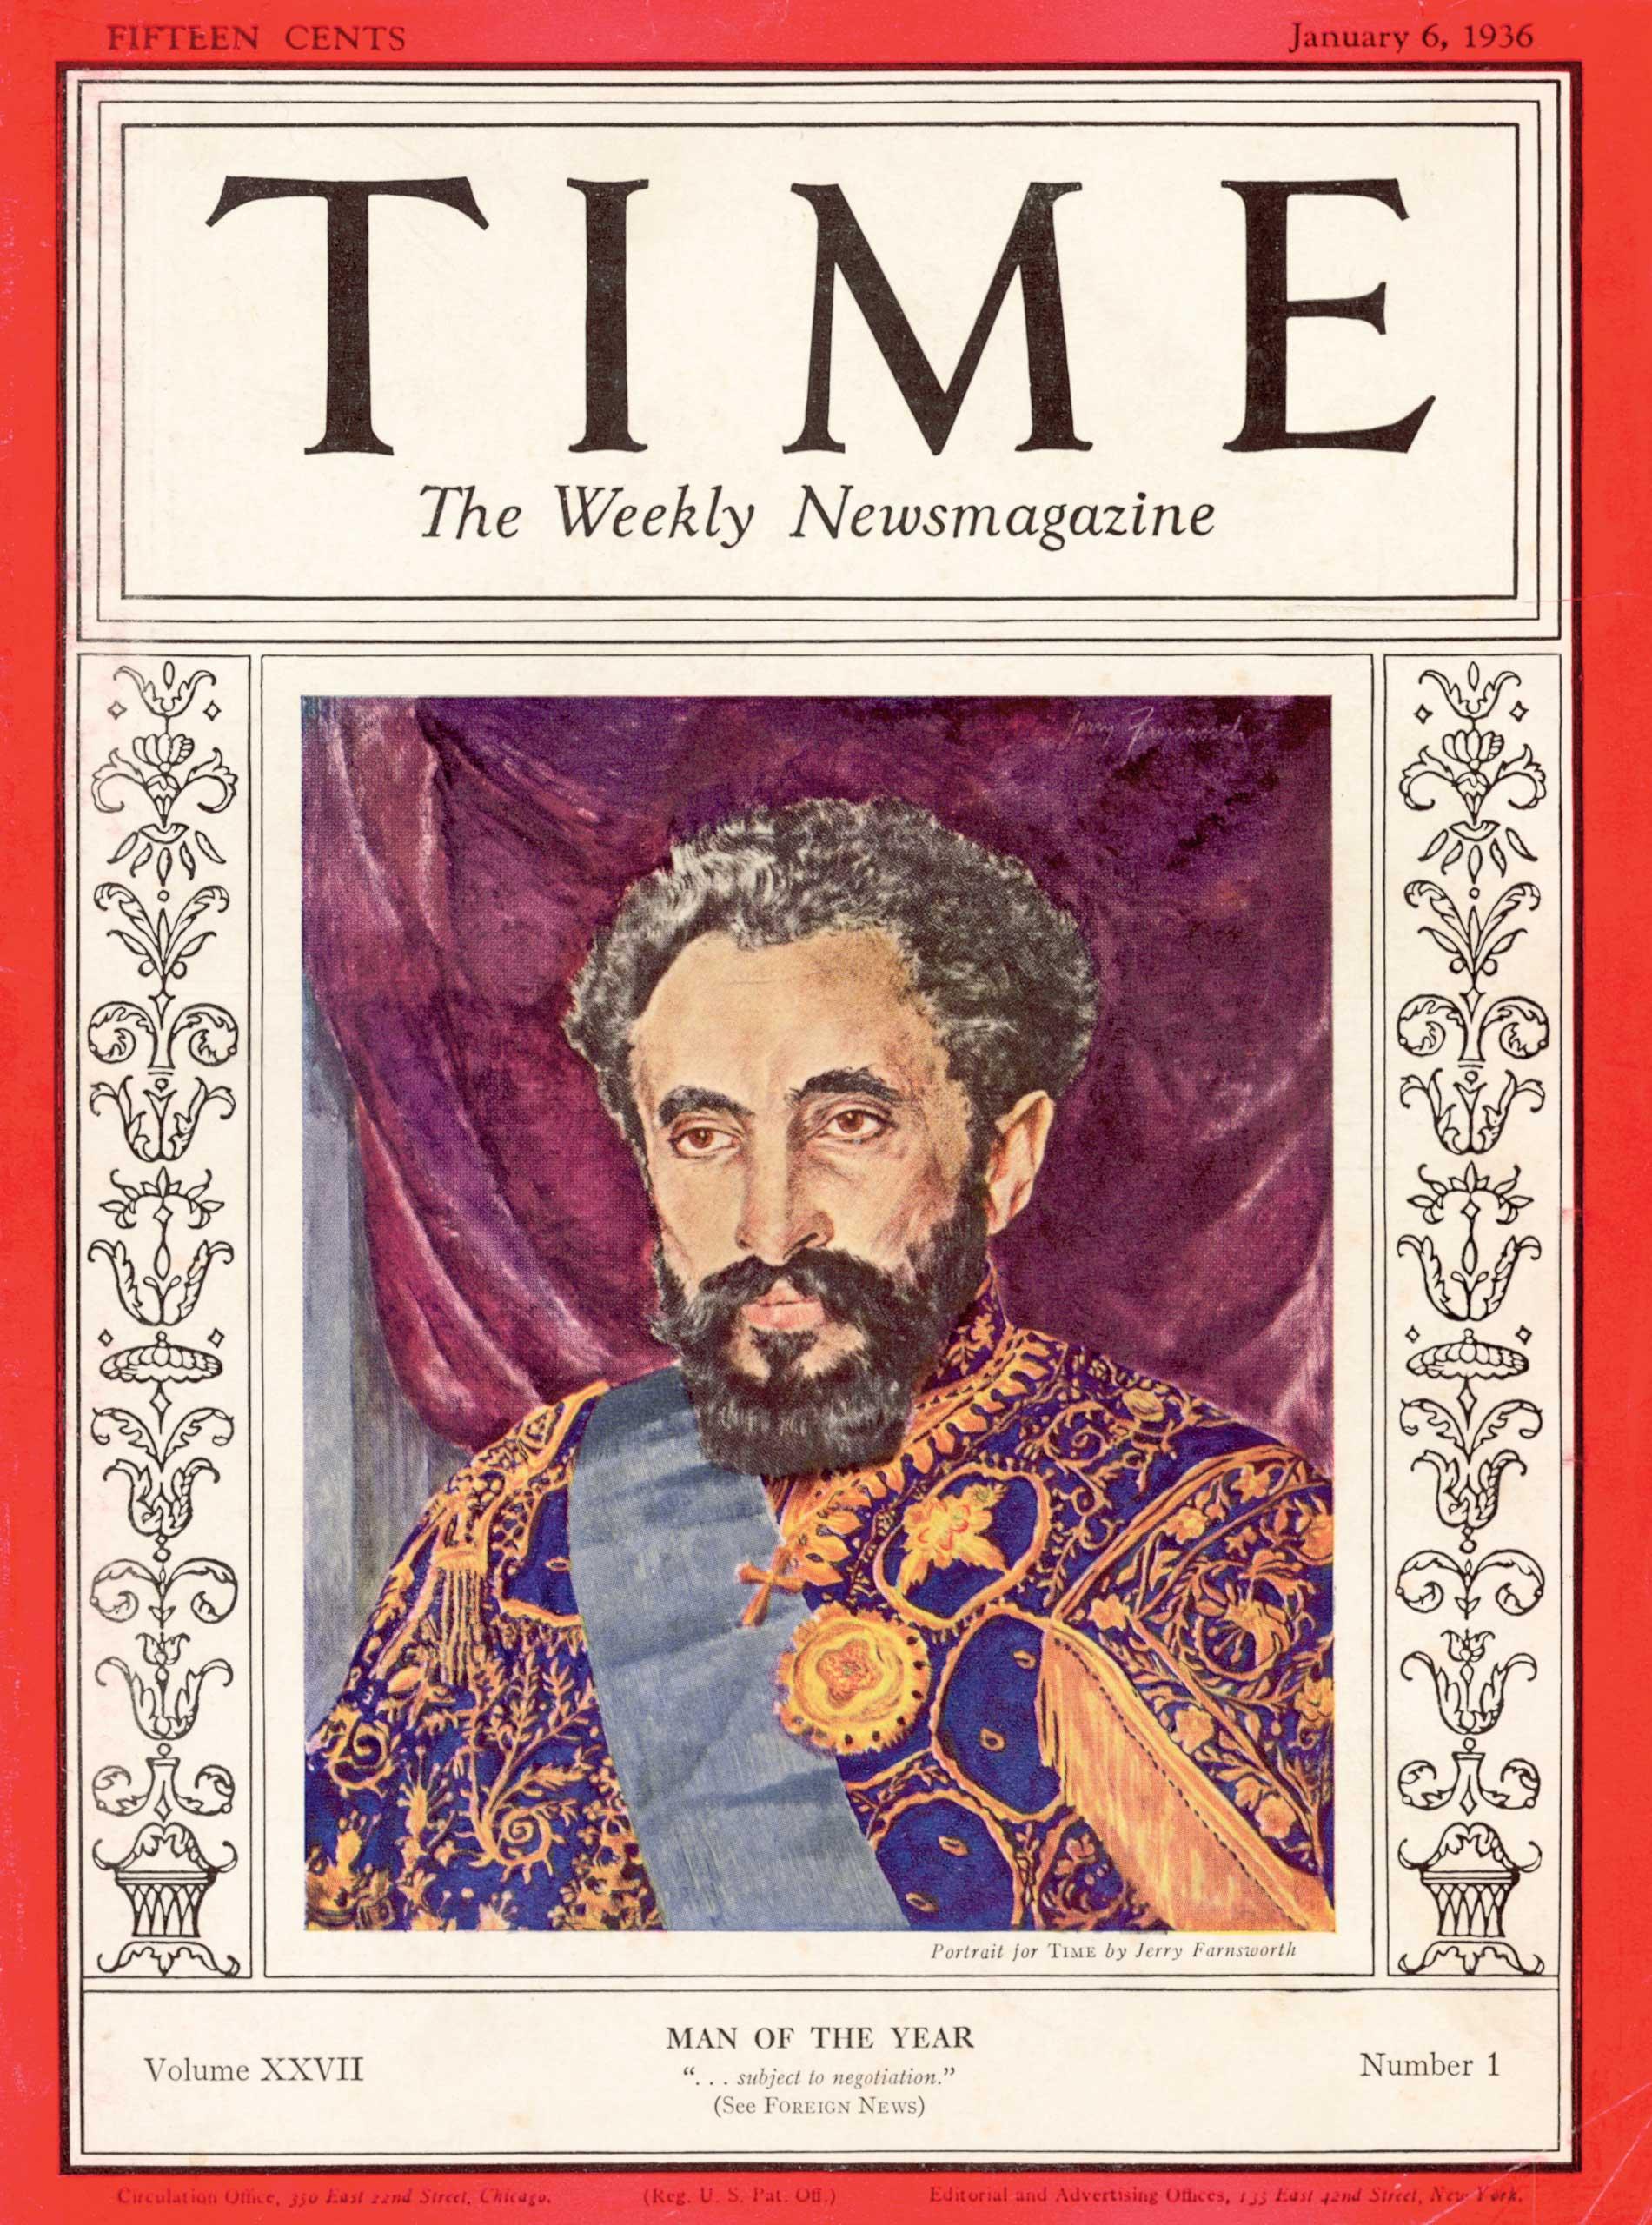 1935: Haile Selassie